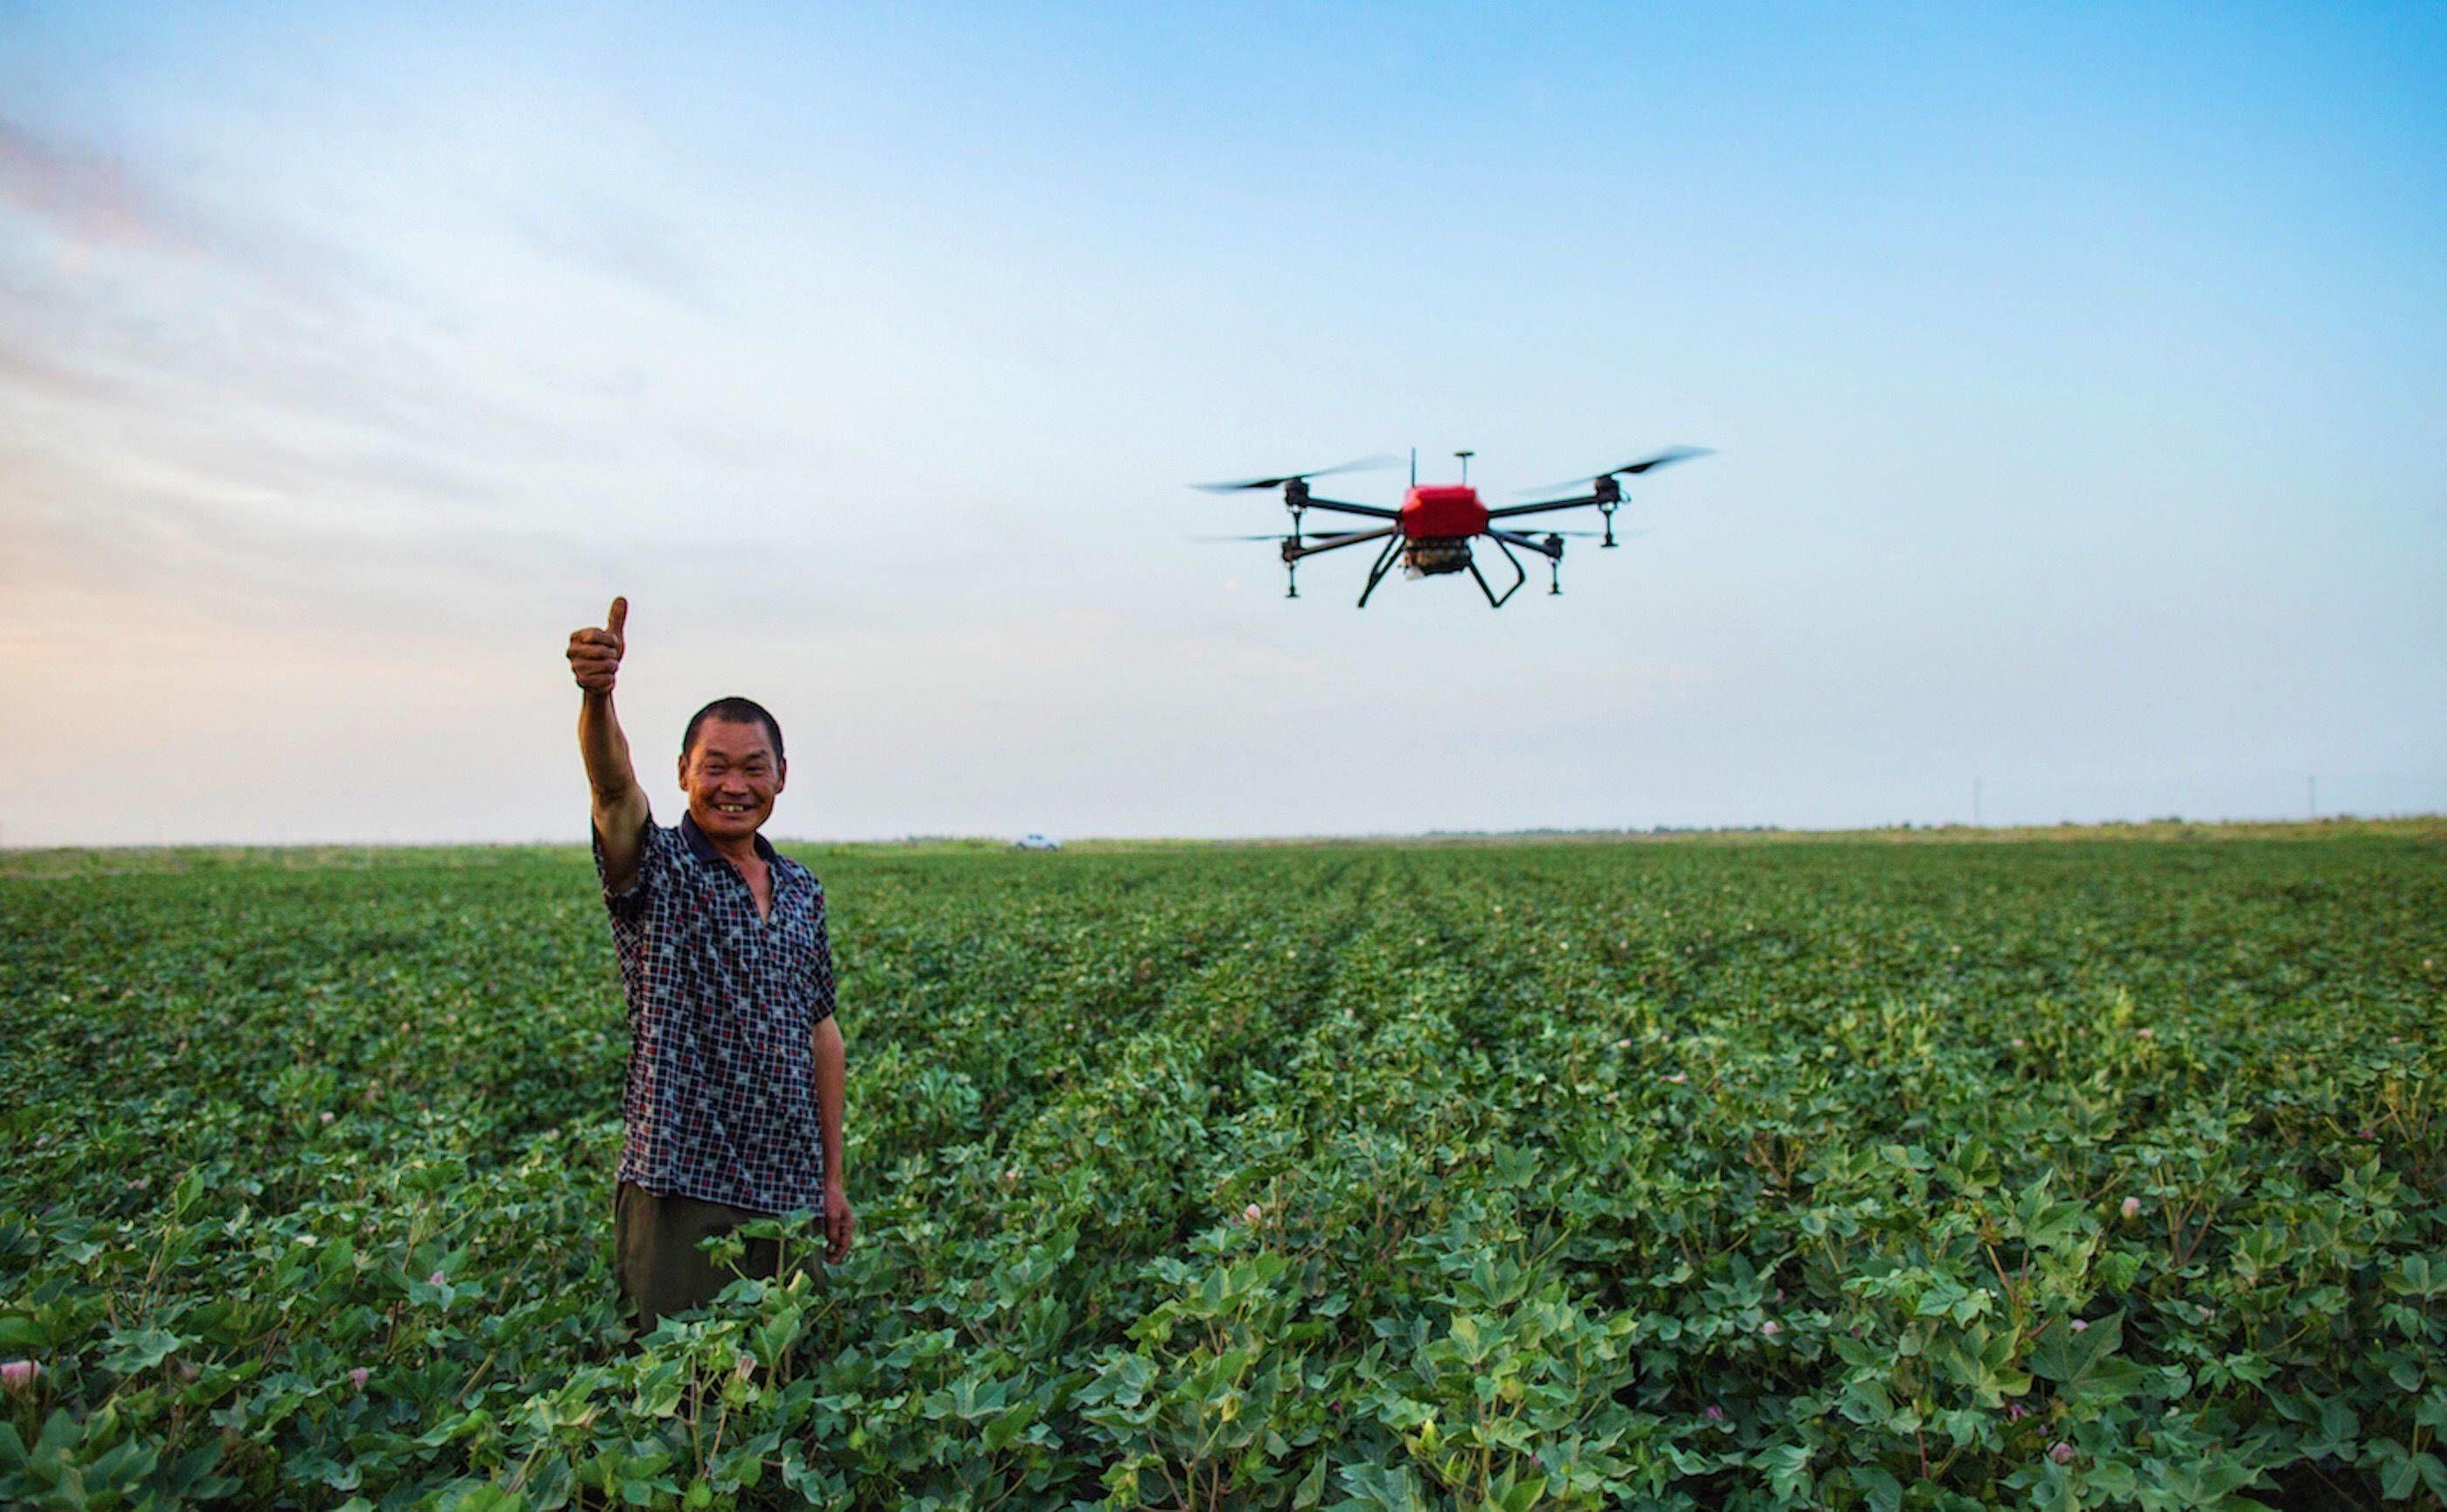 行业资讯_想要农业赶上时代,先要让无人机赶上农业 | 极客公园